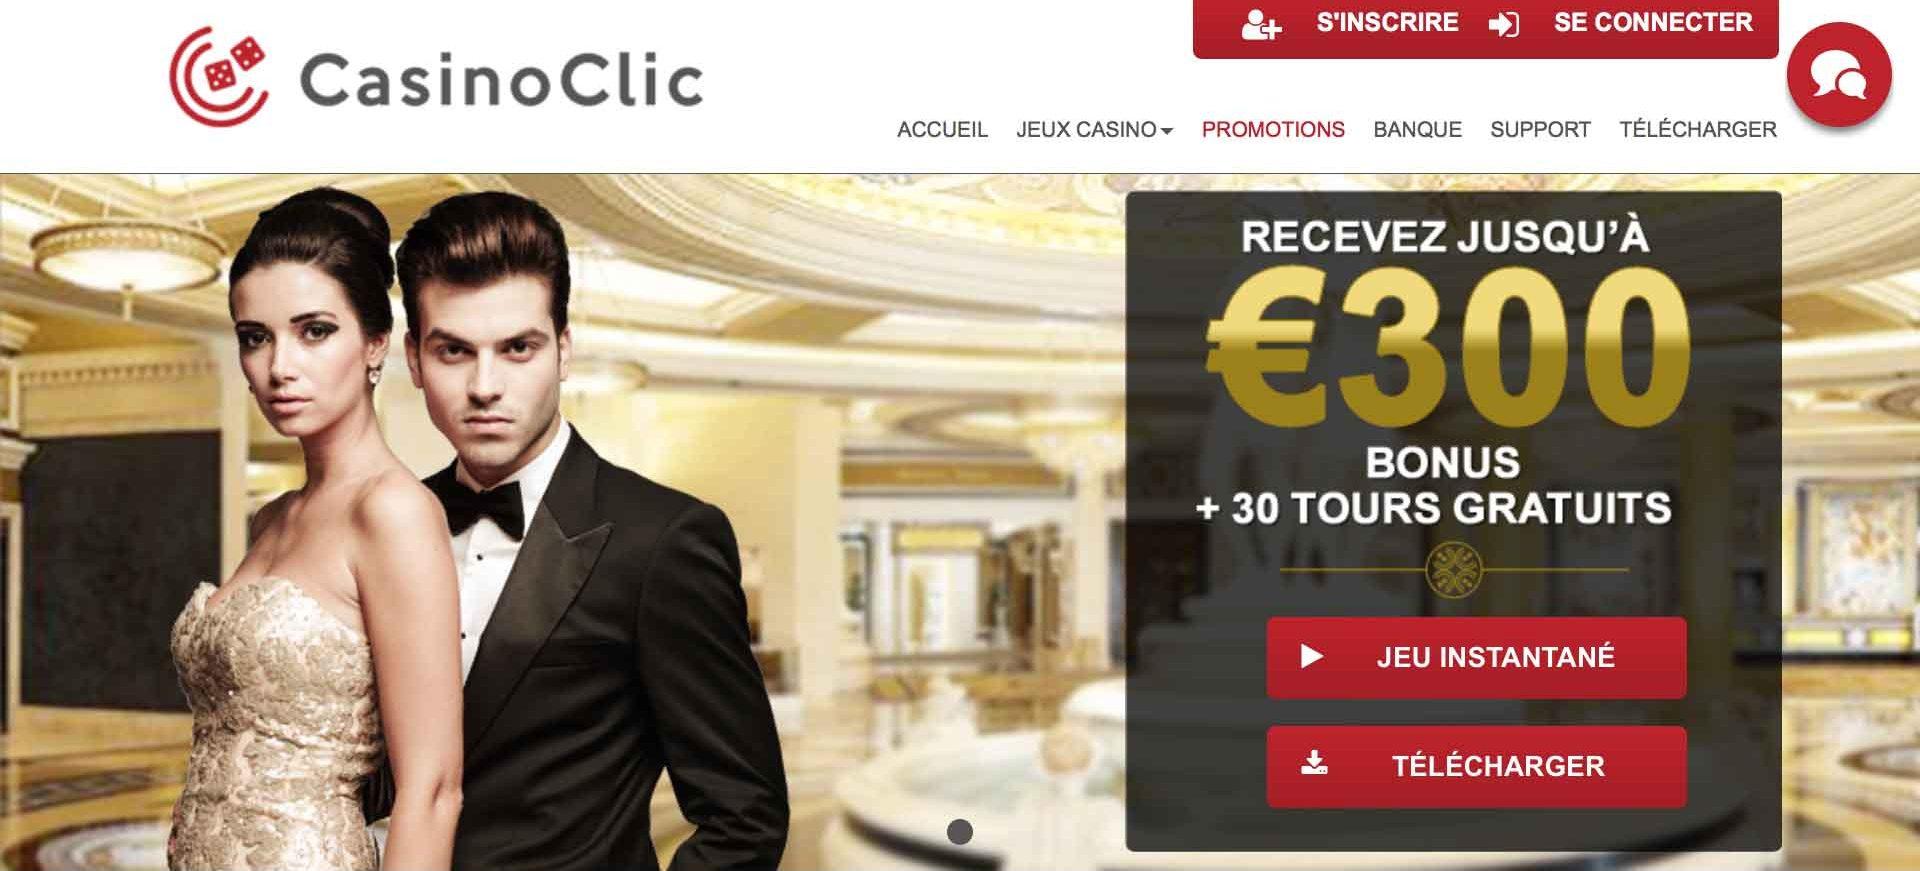 Voir toutes les facettes du Casino Clic avec notre avis